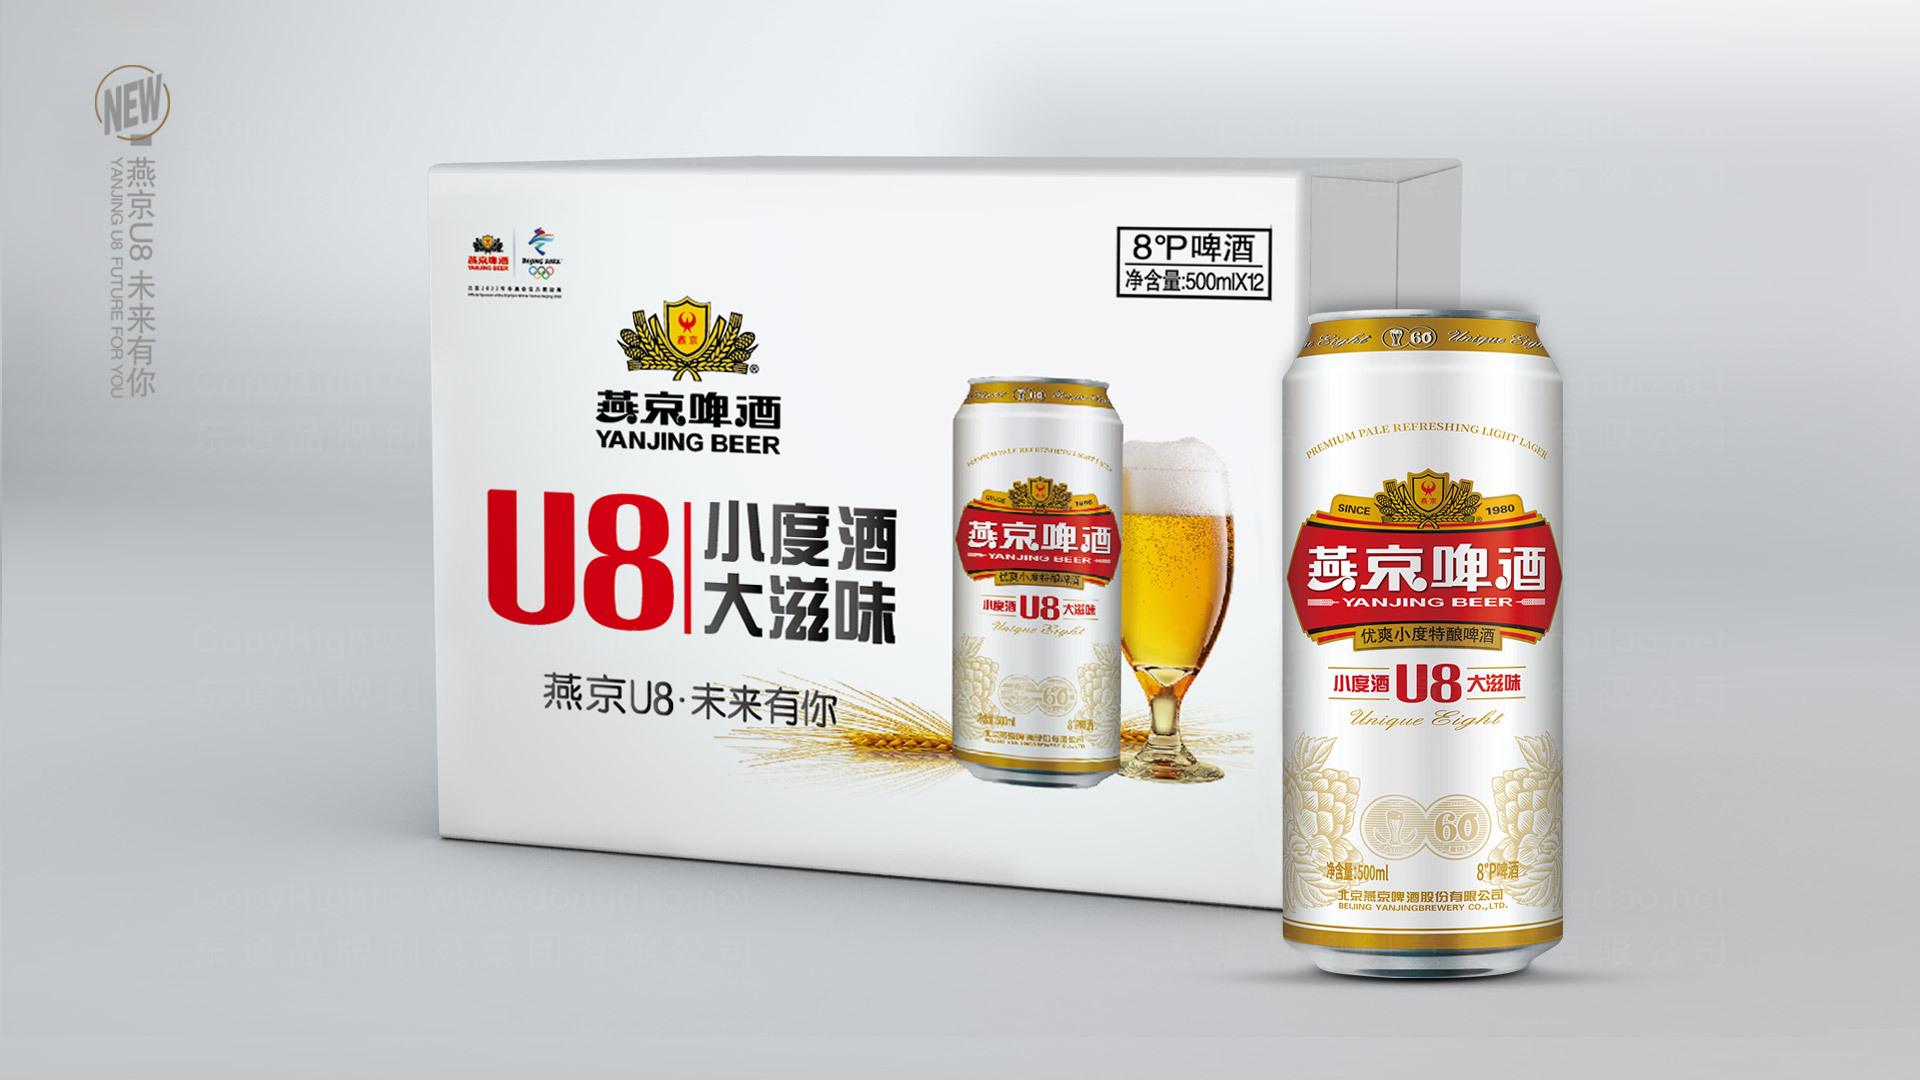 产品包装燕京产品全案应用场景_4